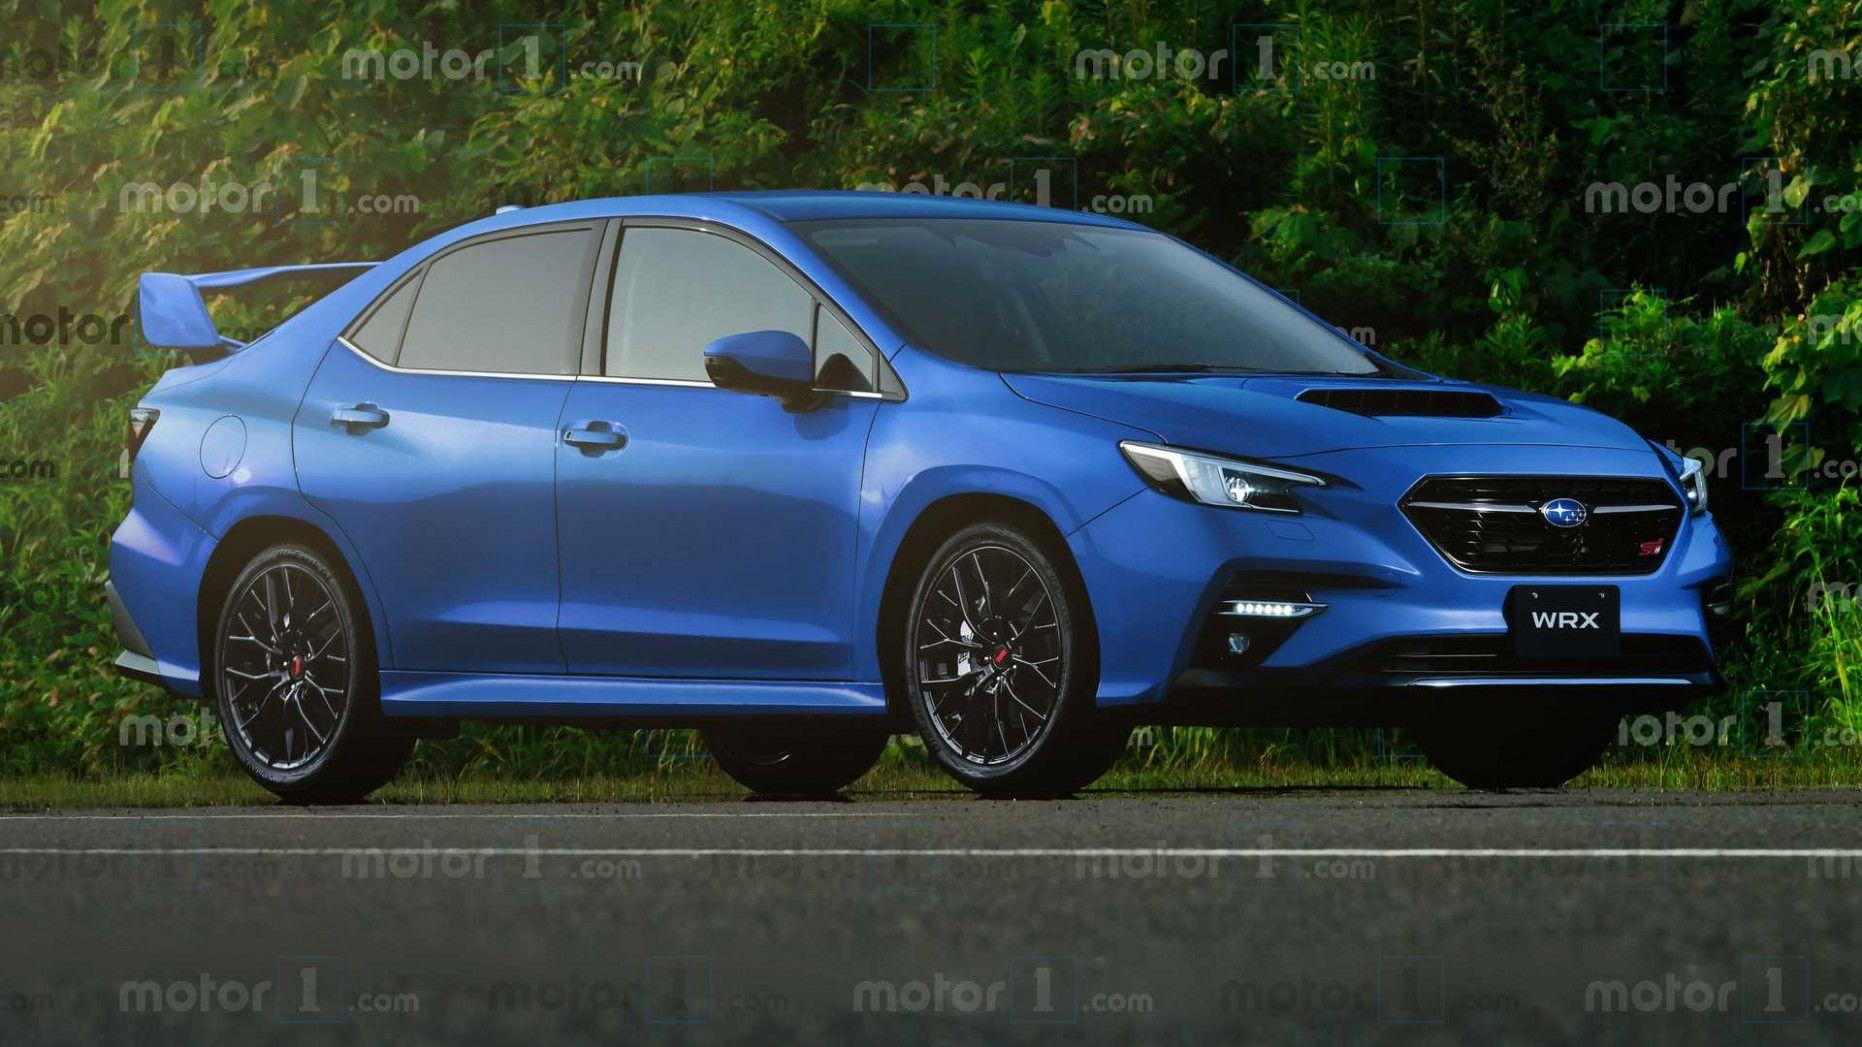 2022 Subaru Wrx Concept Subaru Wrx Subaru Wrx